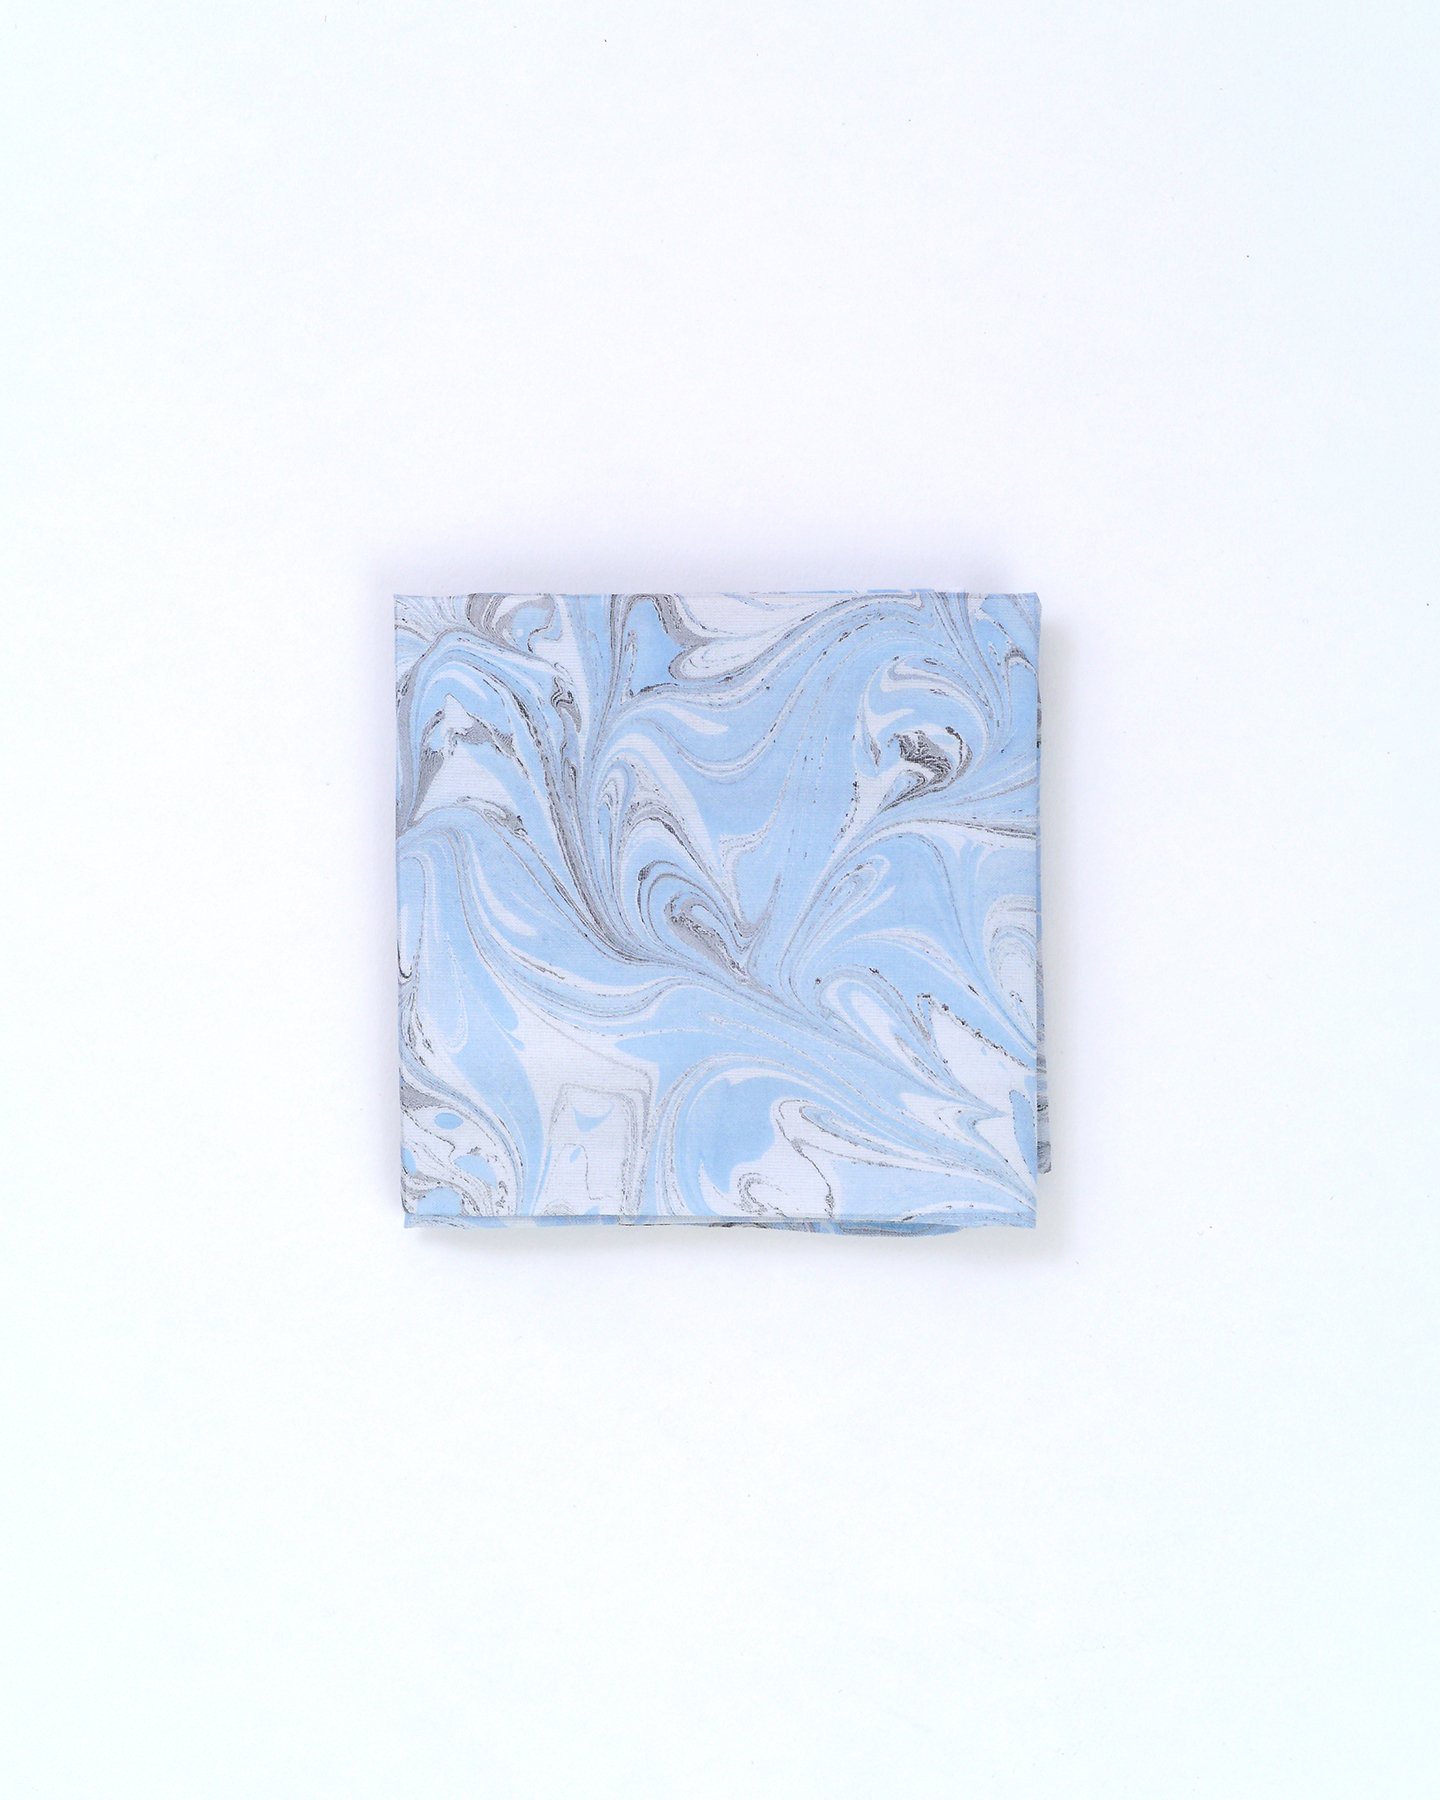 墨流しハンカチ/マーブル/空色×墨色